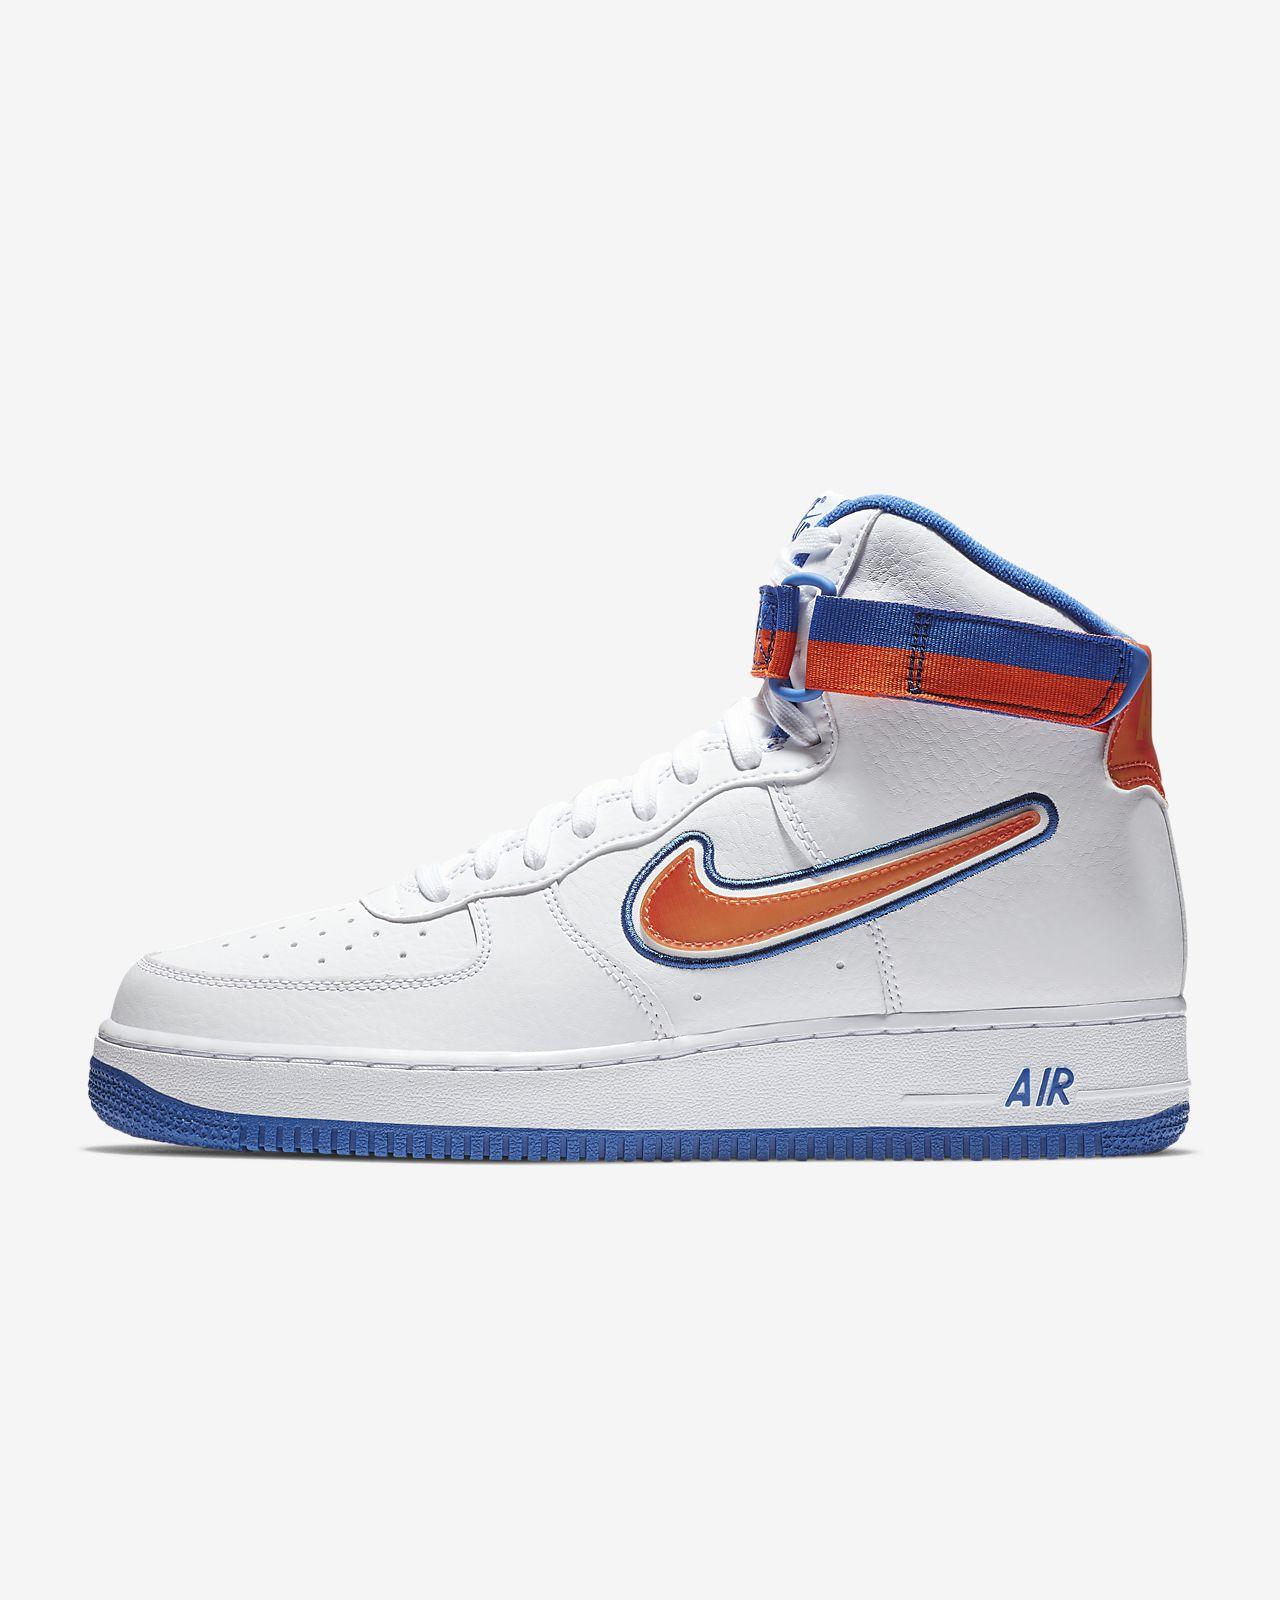 best loved 11f3f 2ffd3 ... Nike Air Force 1 NBA High (New York Knicks)-sko til mænd